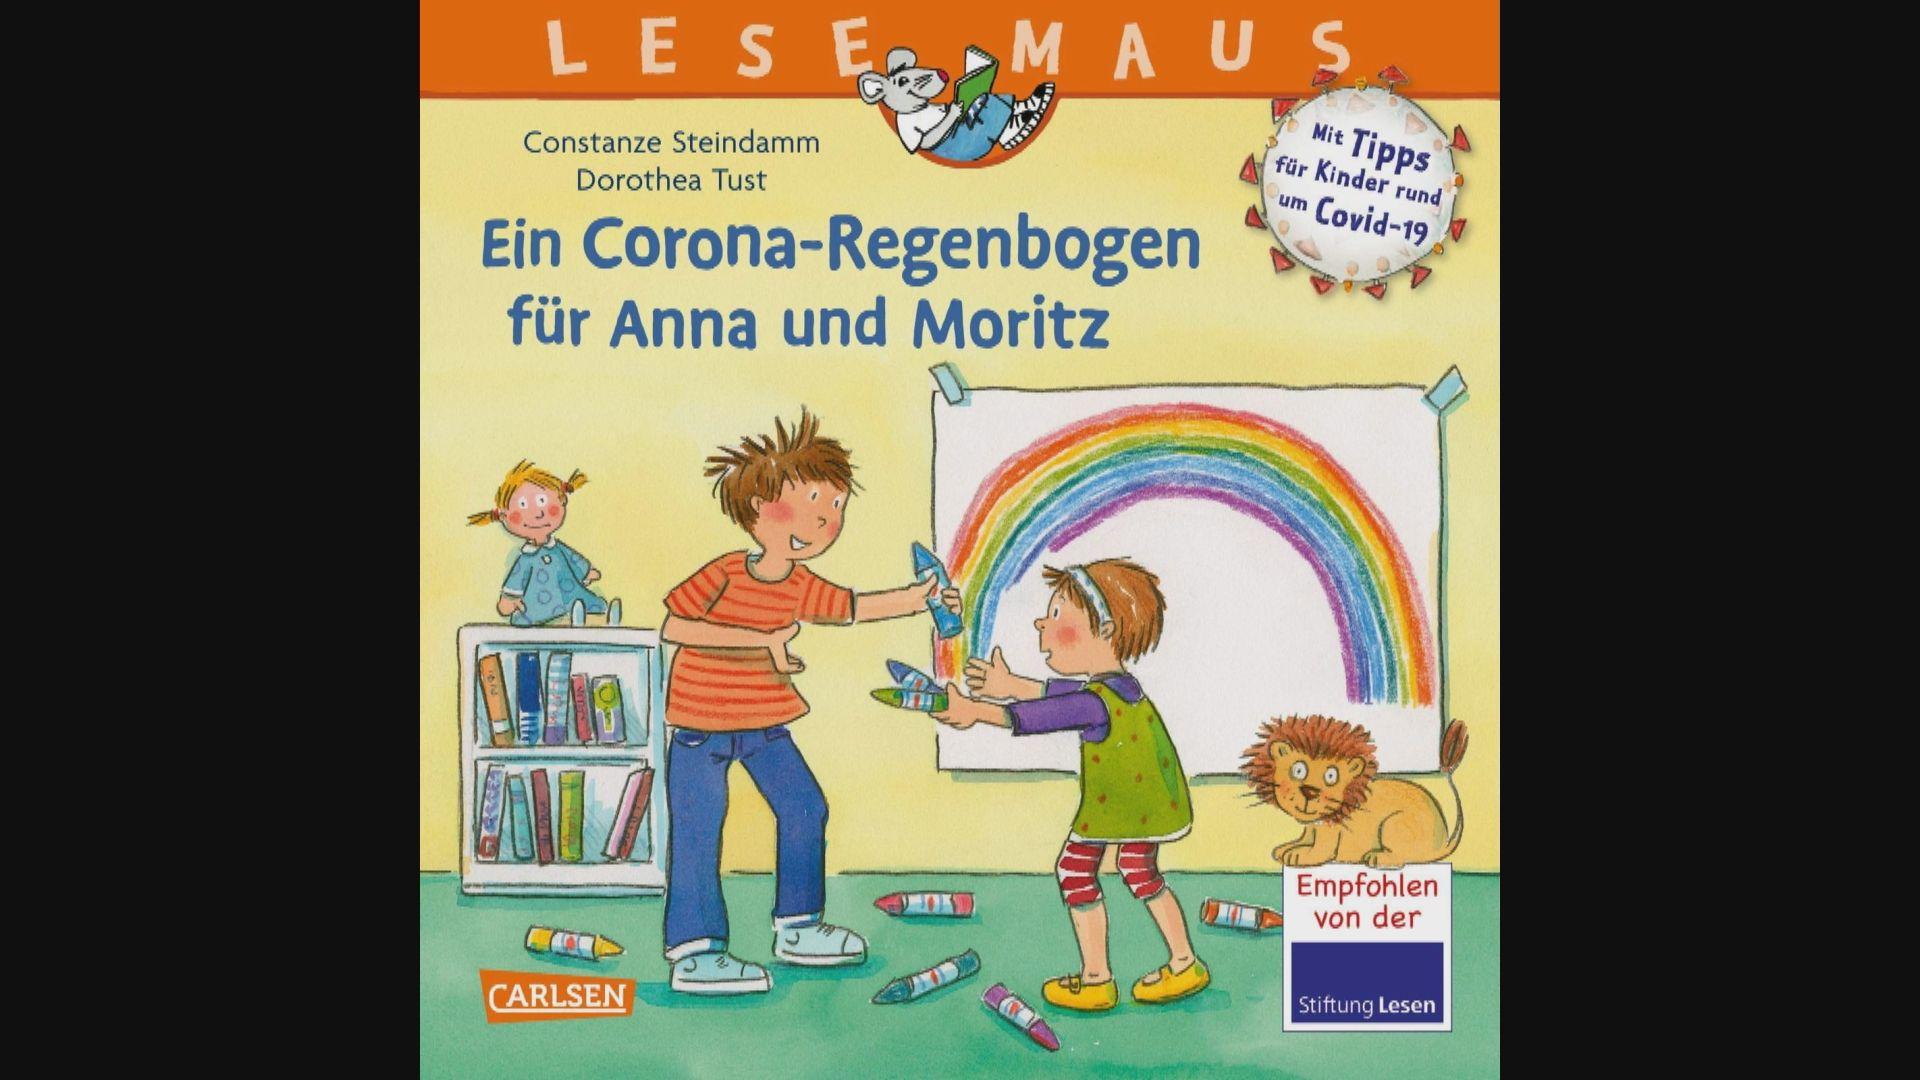 德國兒童書指新冠病毒來自中國 中國領事館向出版社提交涉